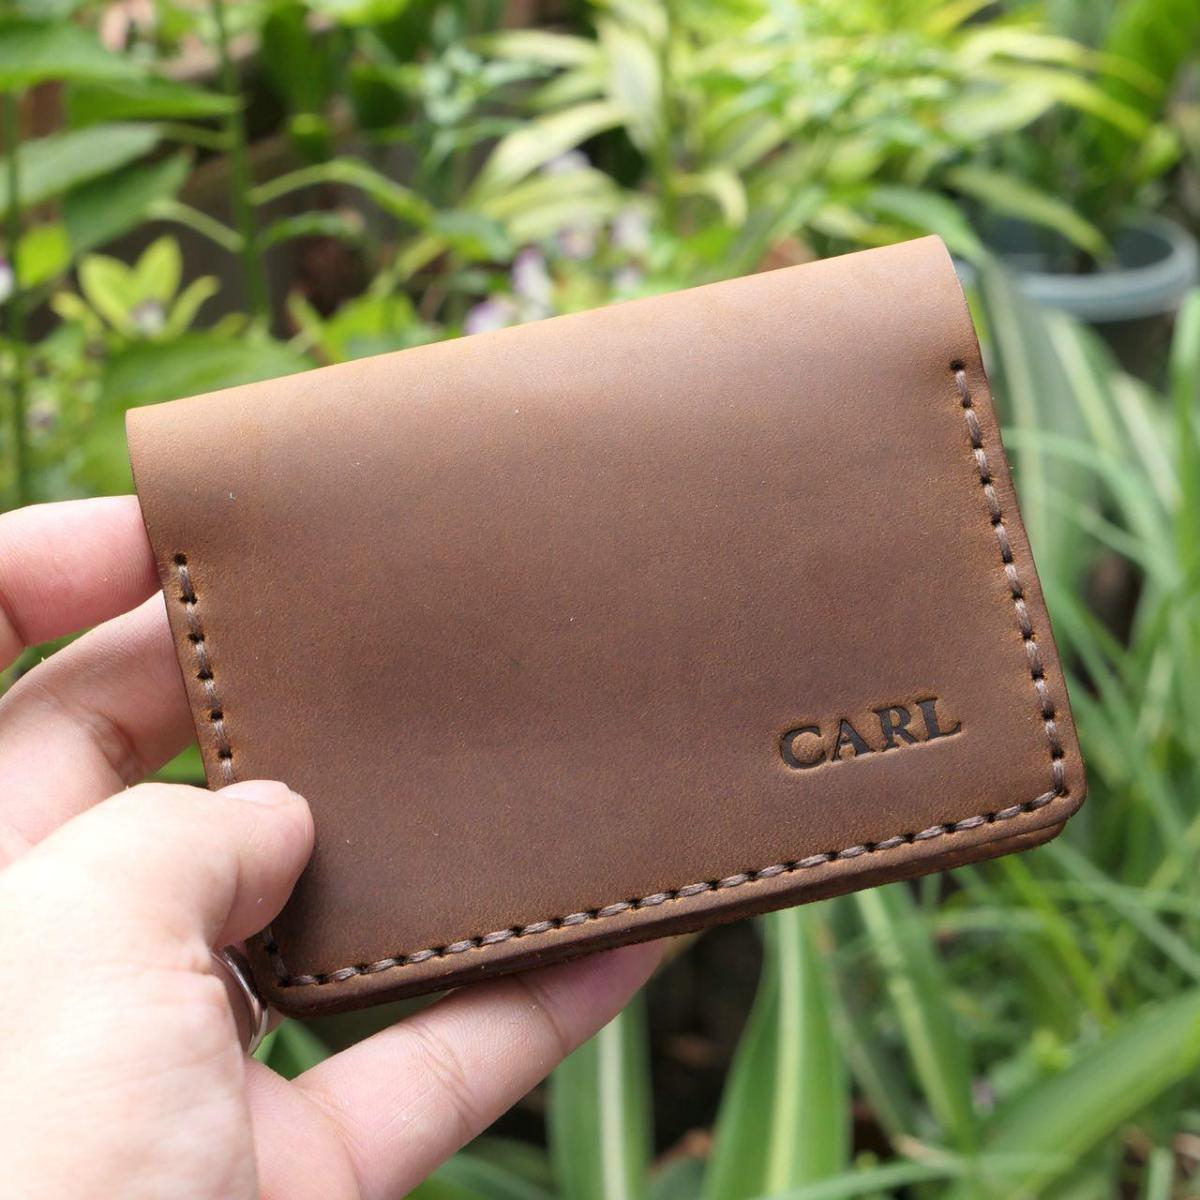 Carl-12.jpg